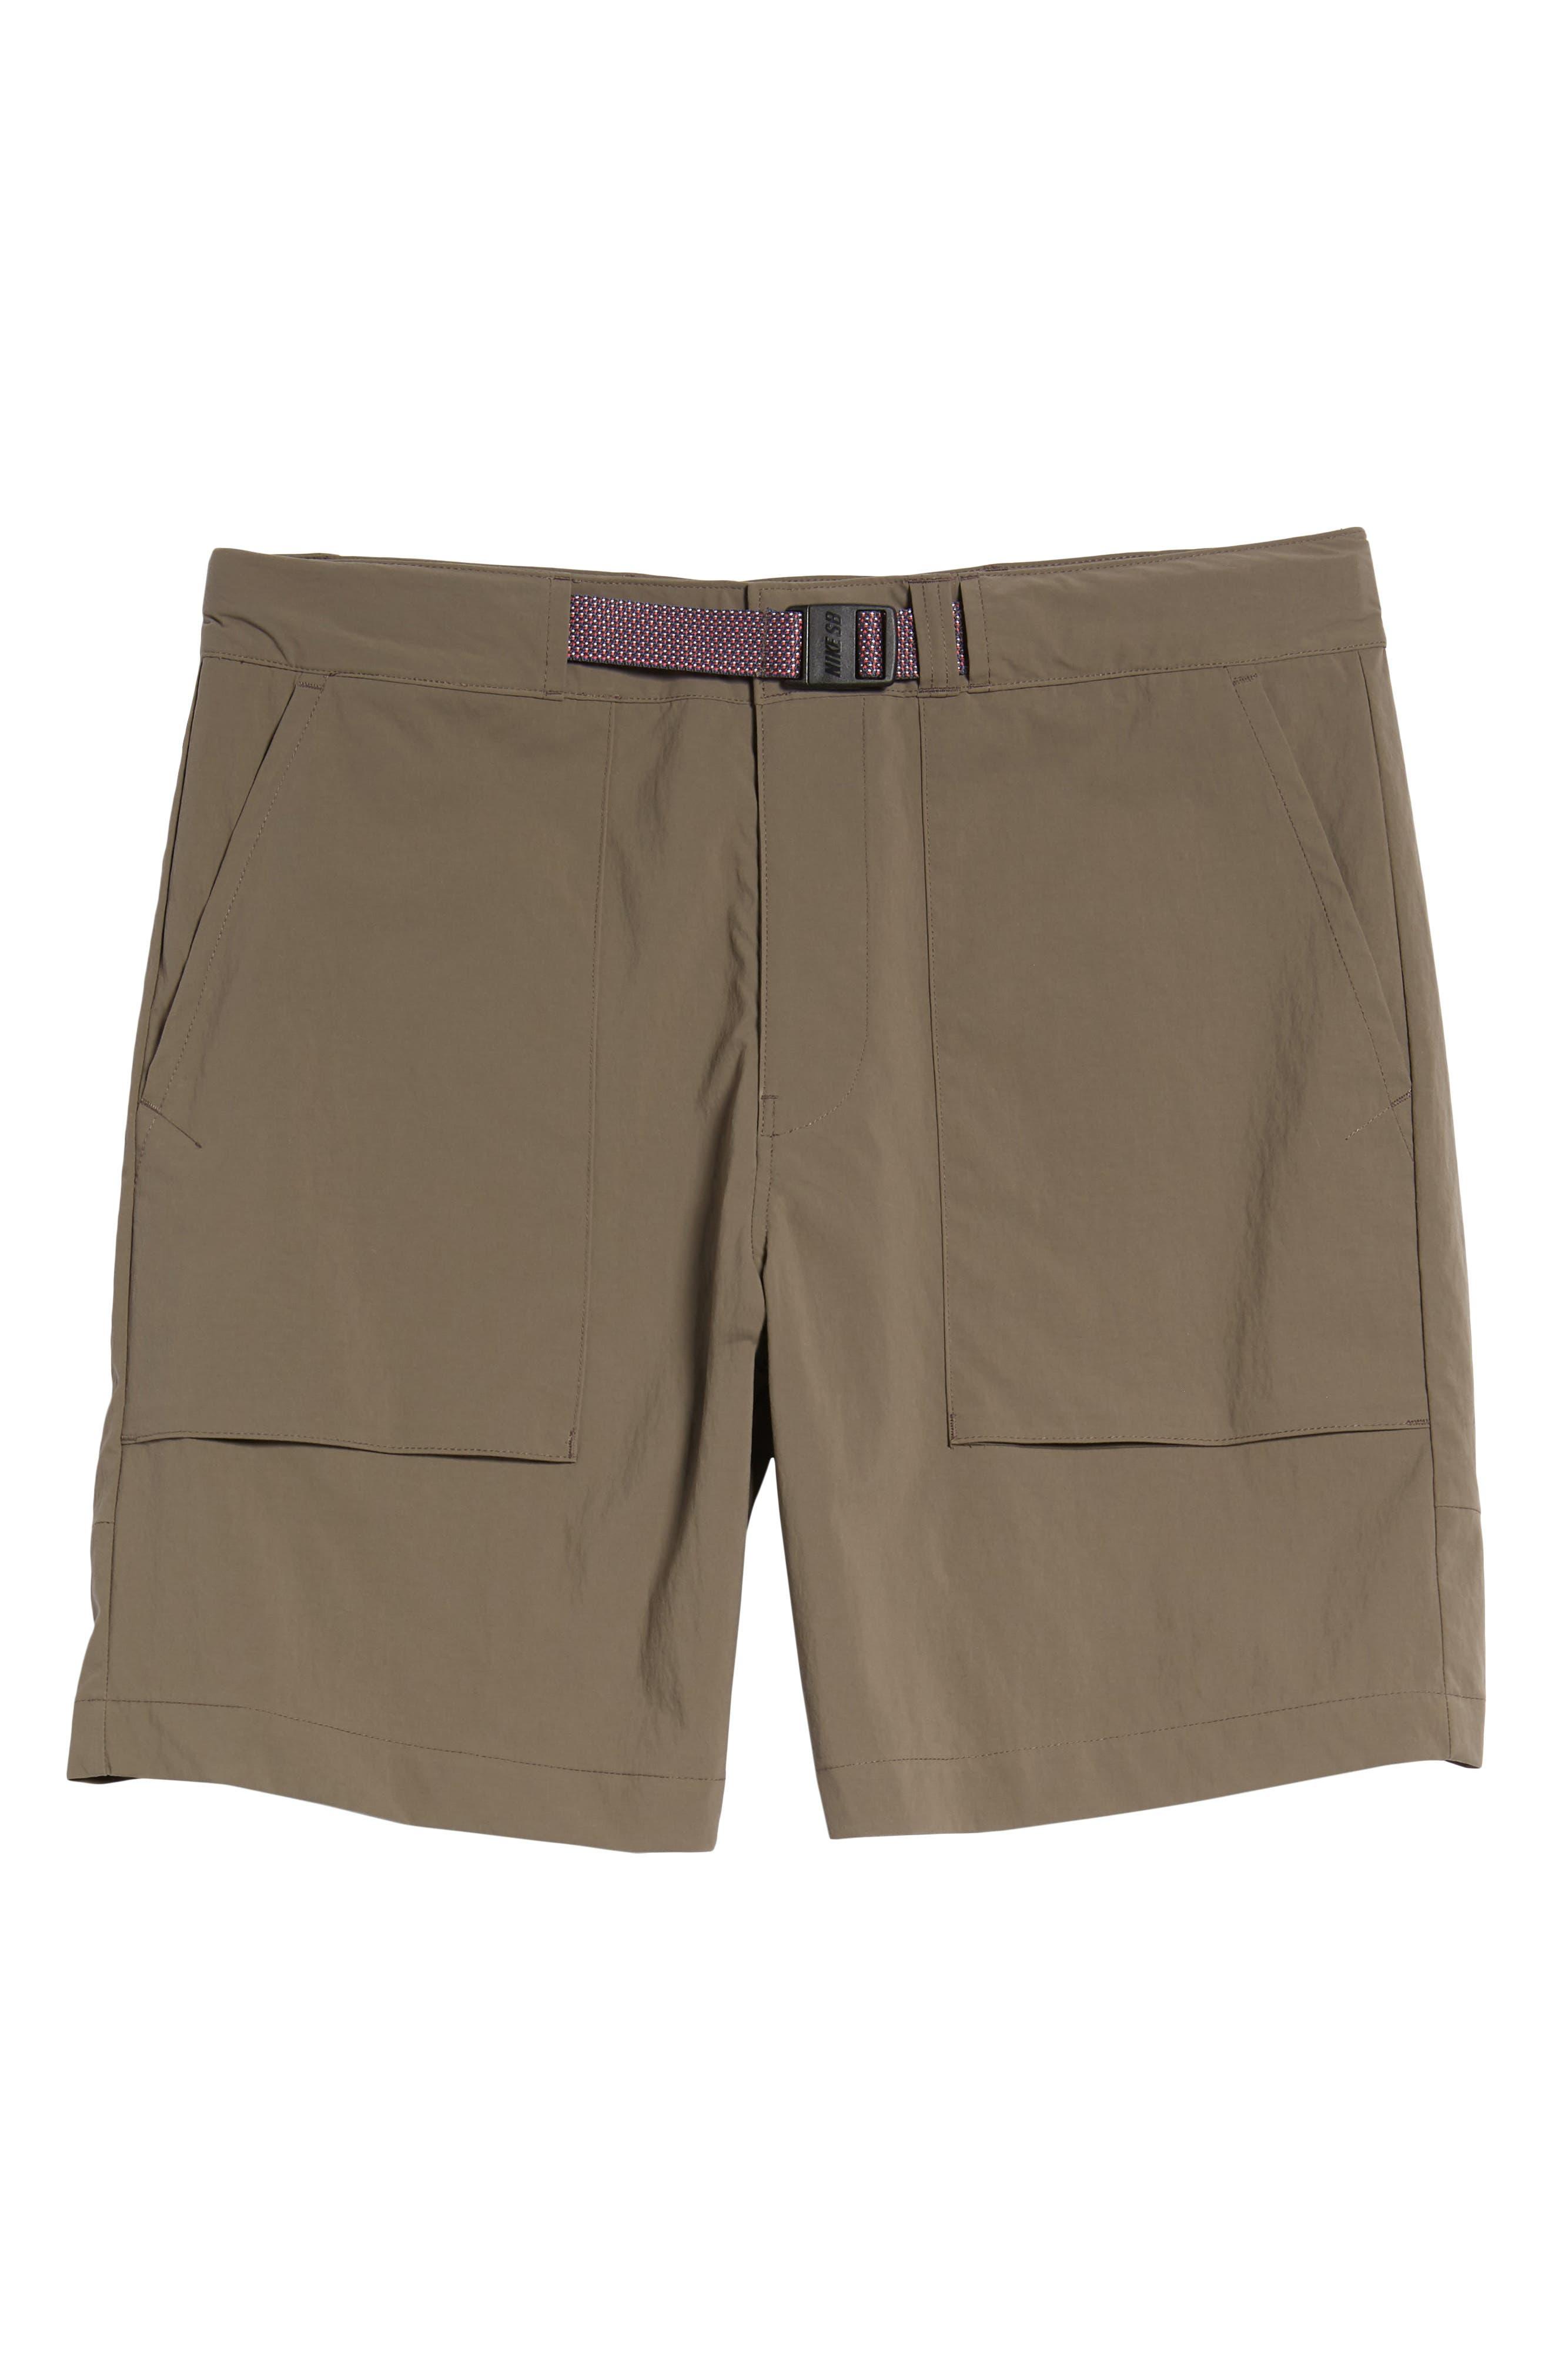 NIKE,                             SB Flex Everett Shorts,                             Alternate thumbnail 6, color,                             250